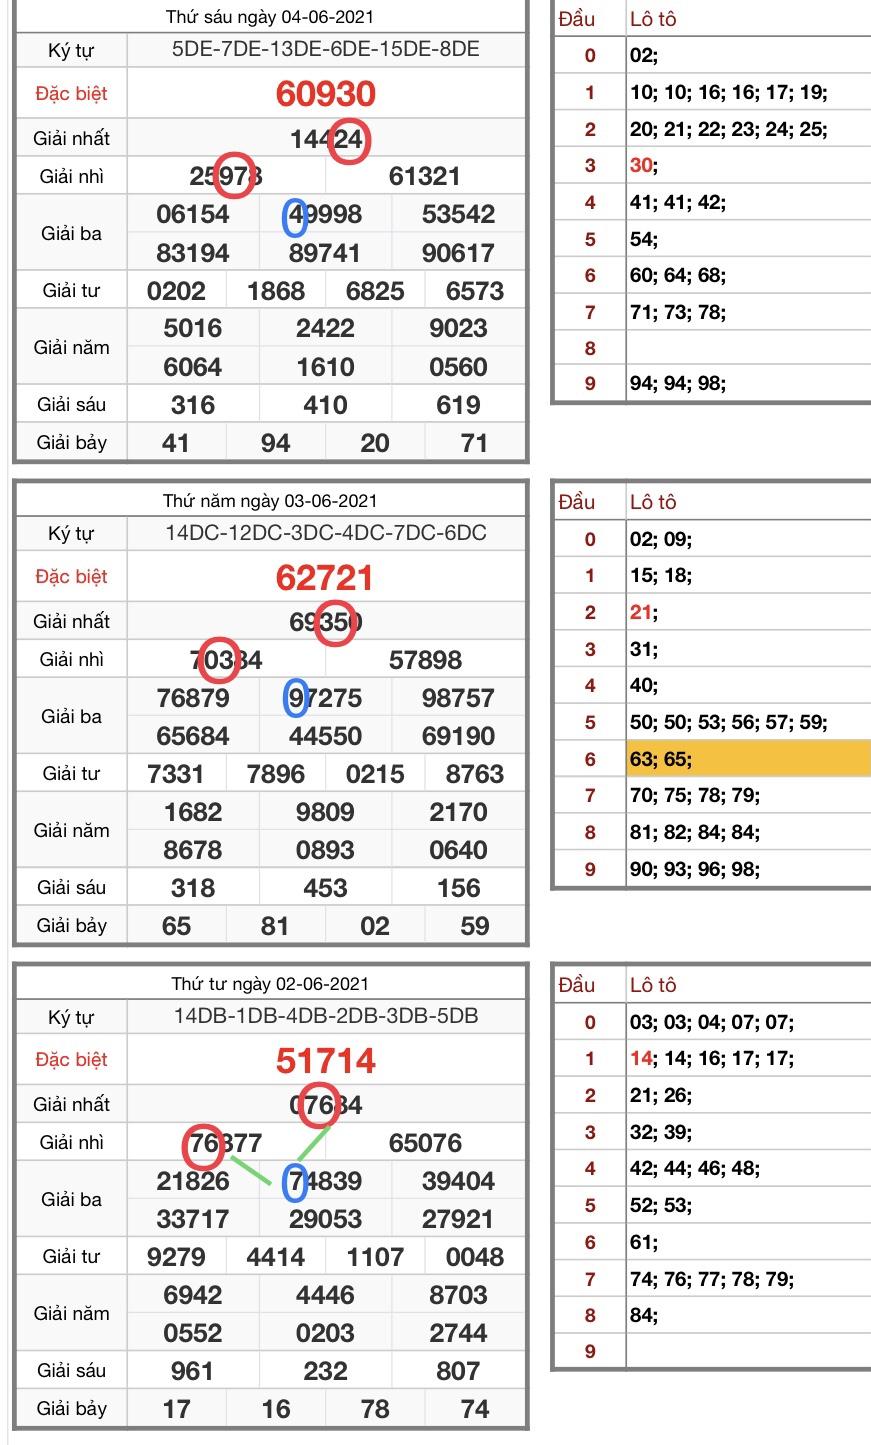 DBFE8F93-55AB-4940-B444-04A84444969F.jpeg